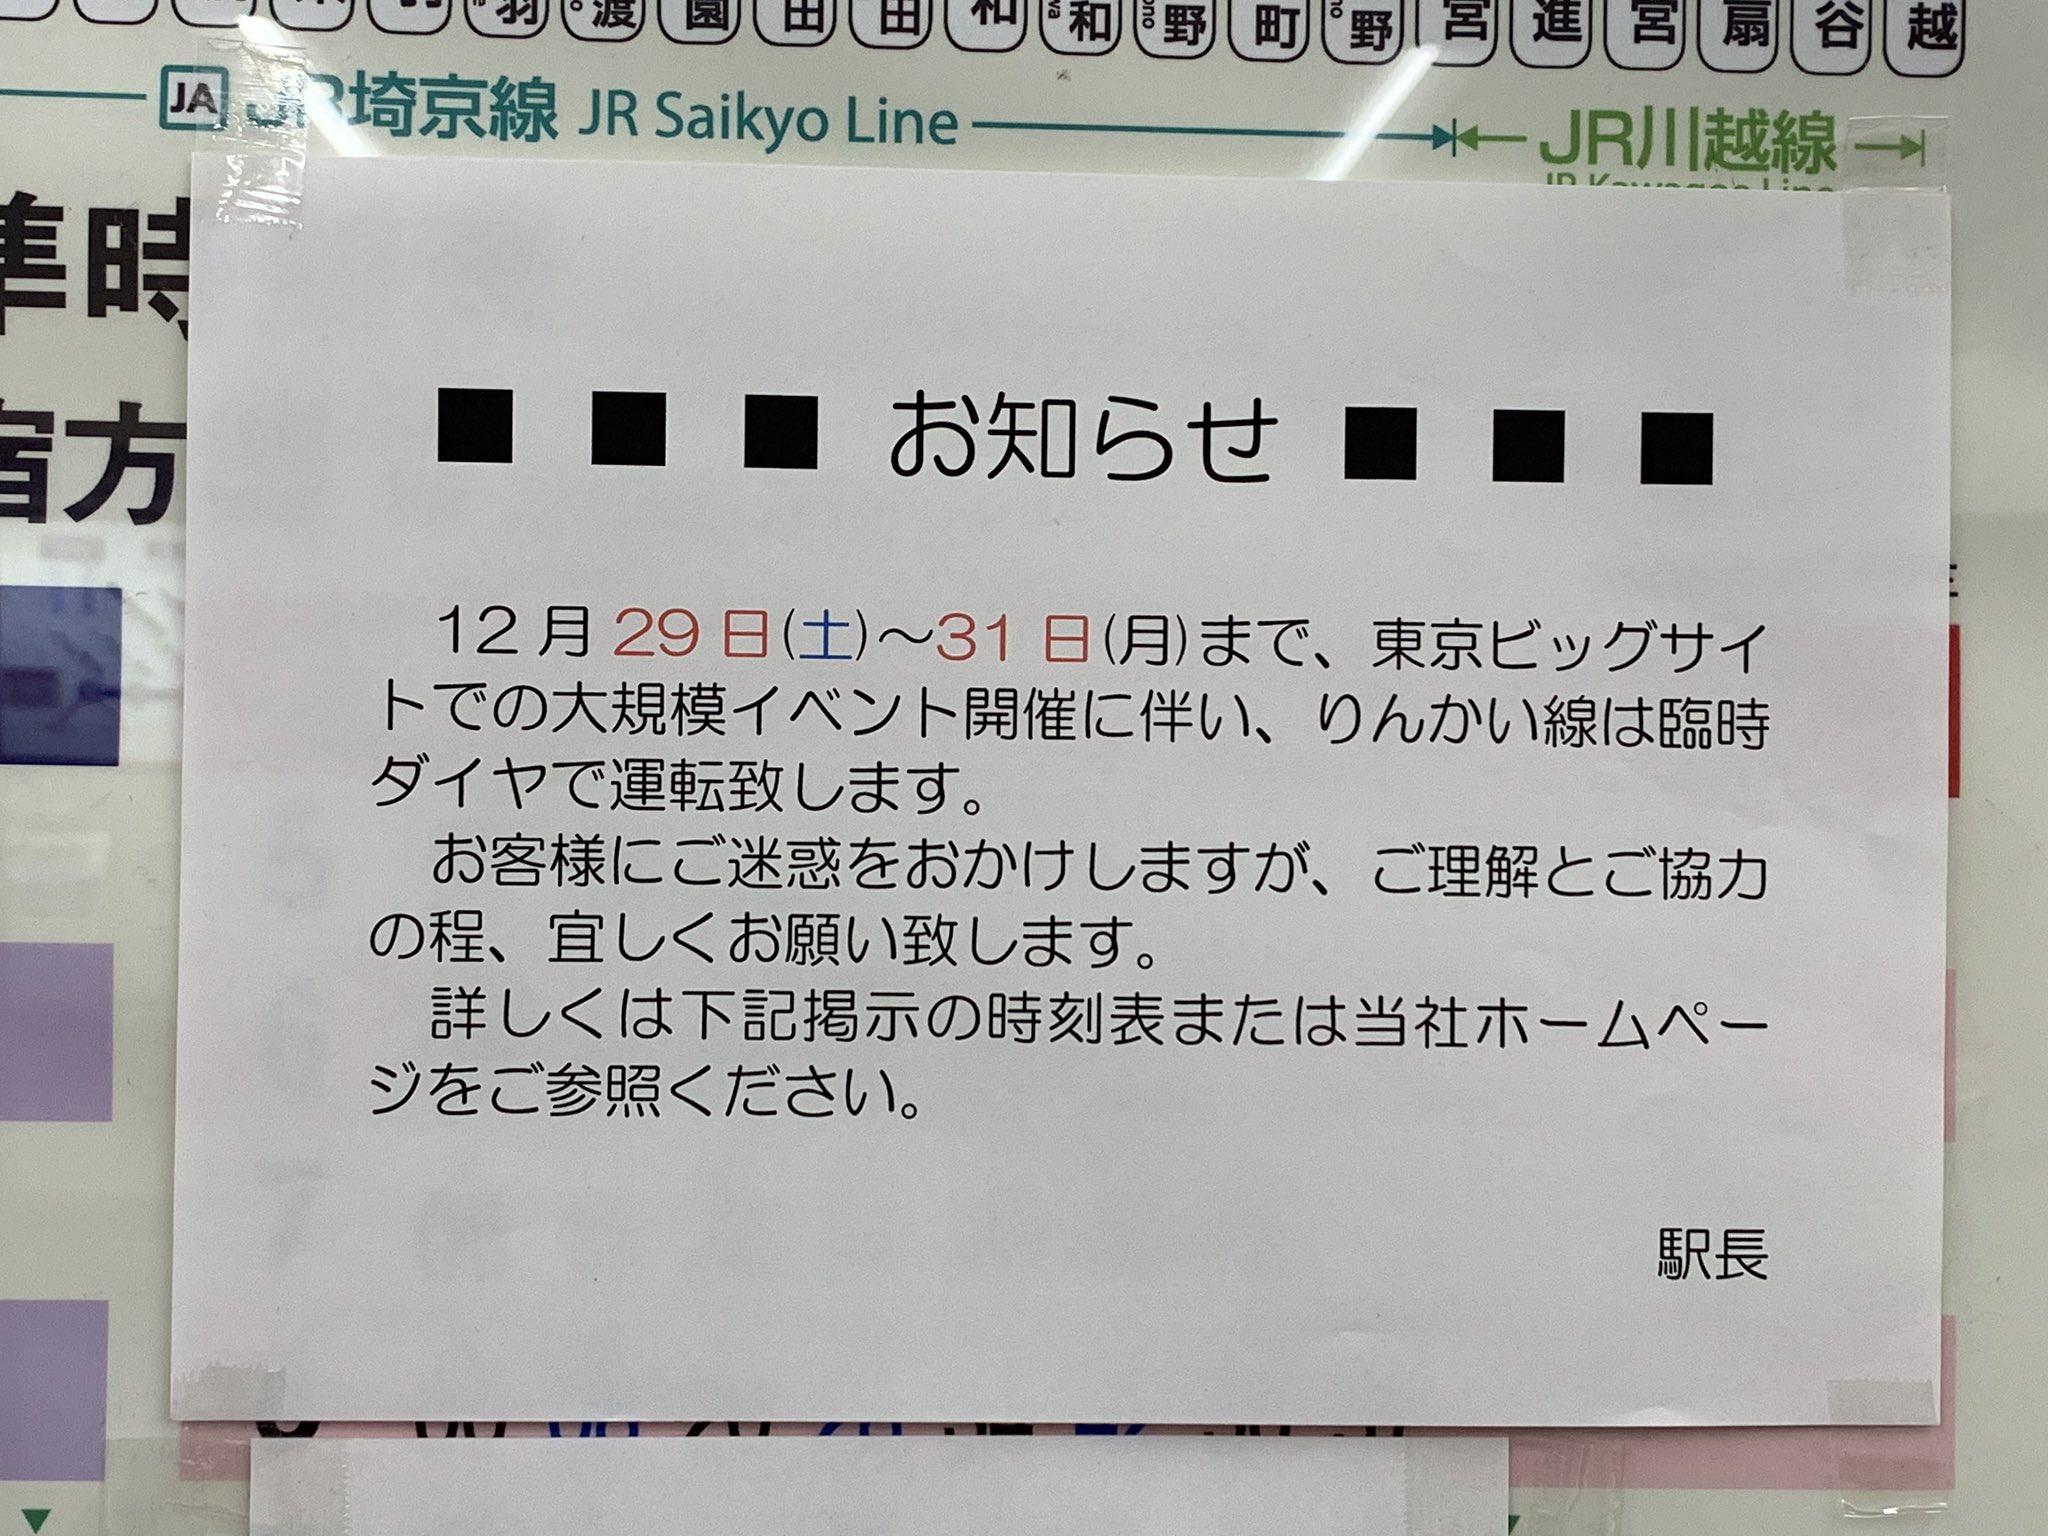 りんかい 線 時刻 表 大 井町